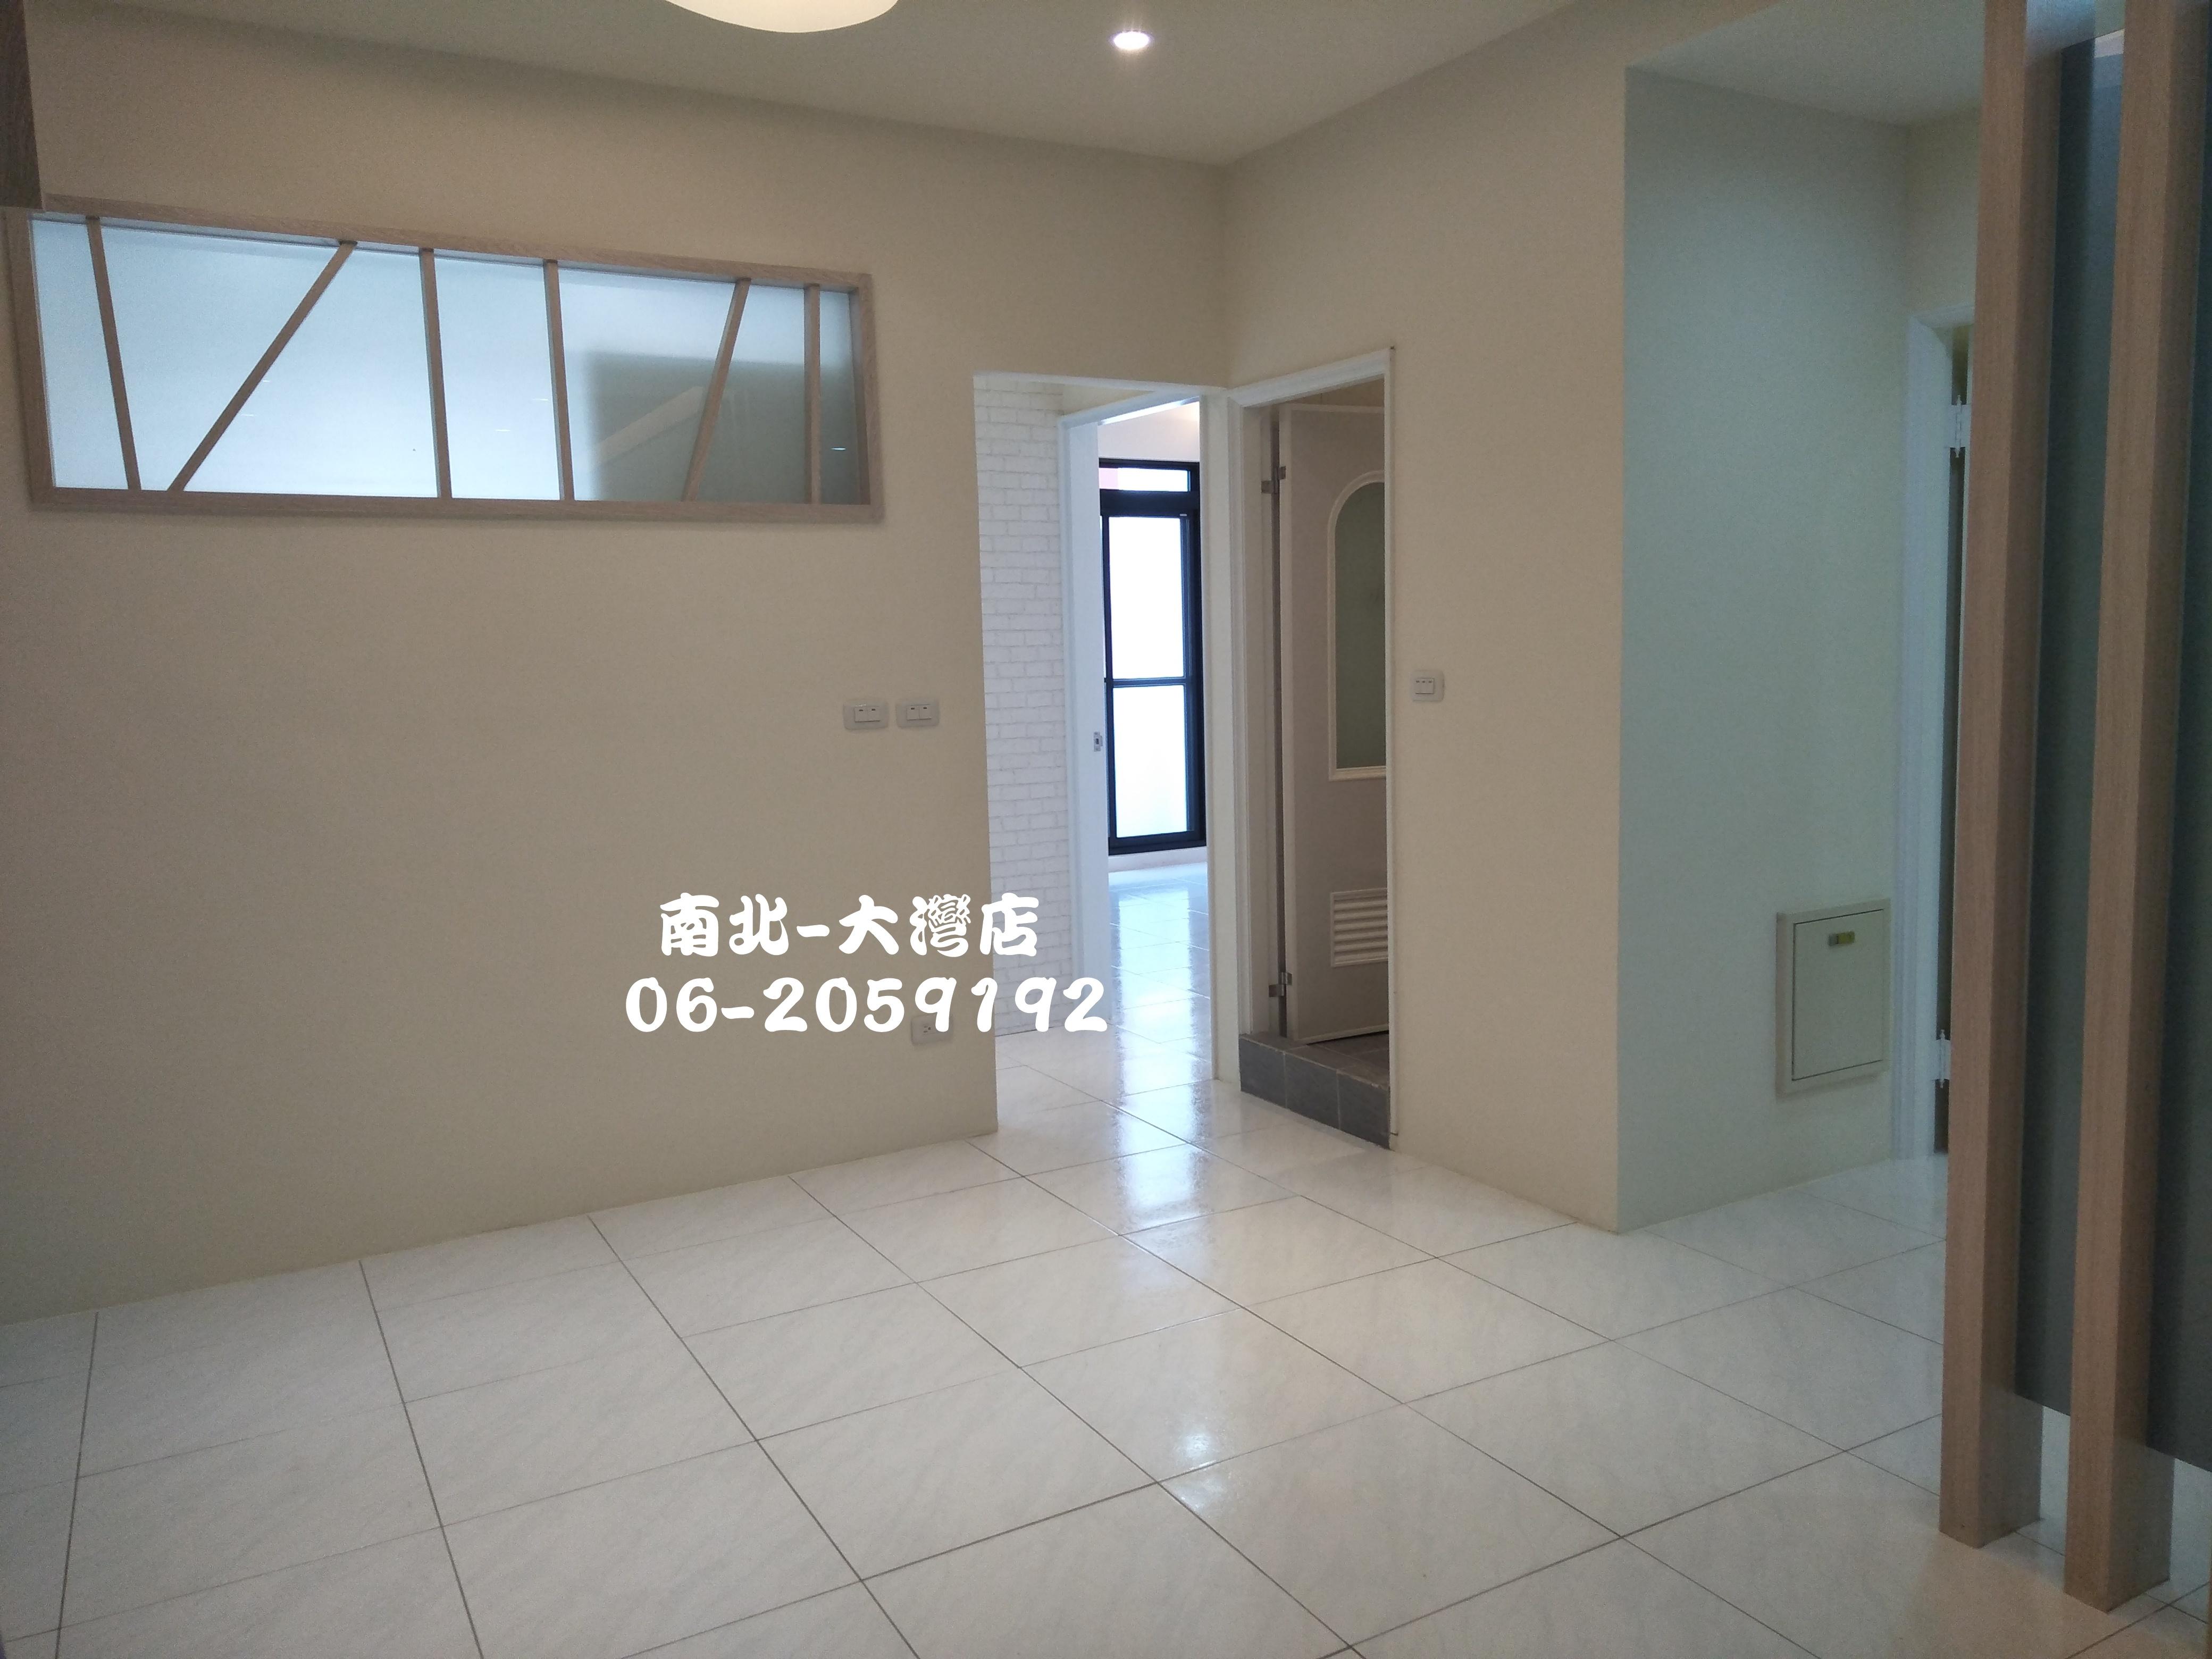 台南大學2樓寓